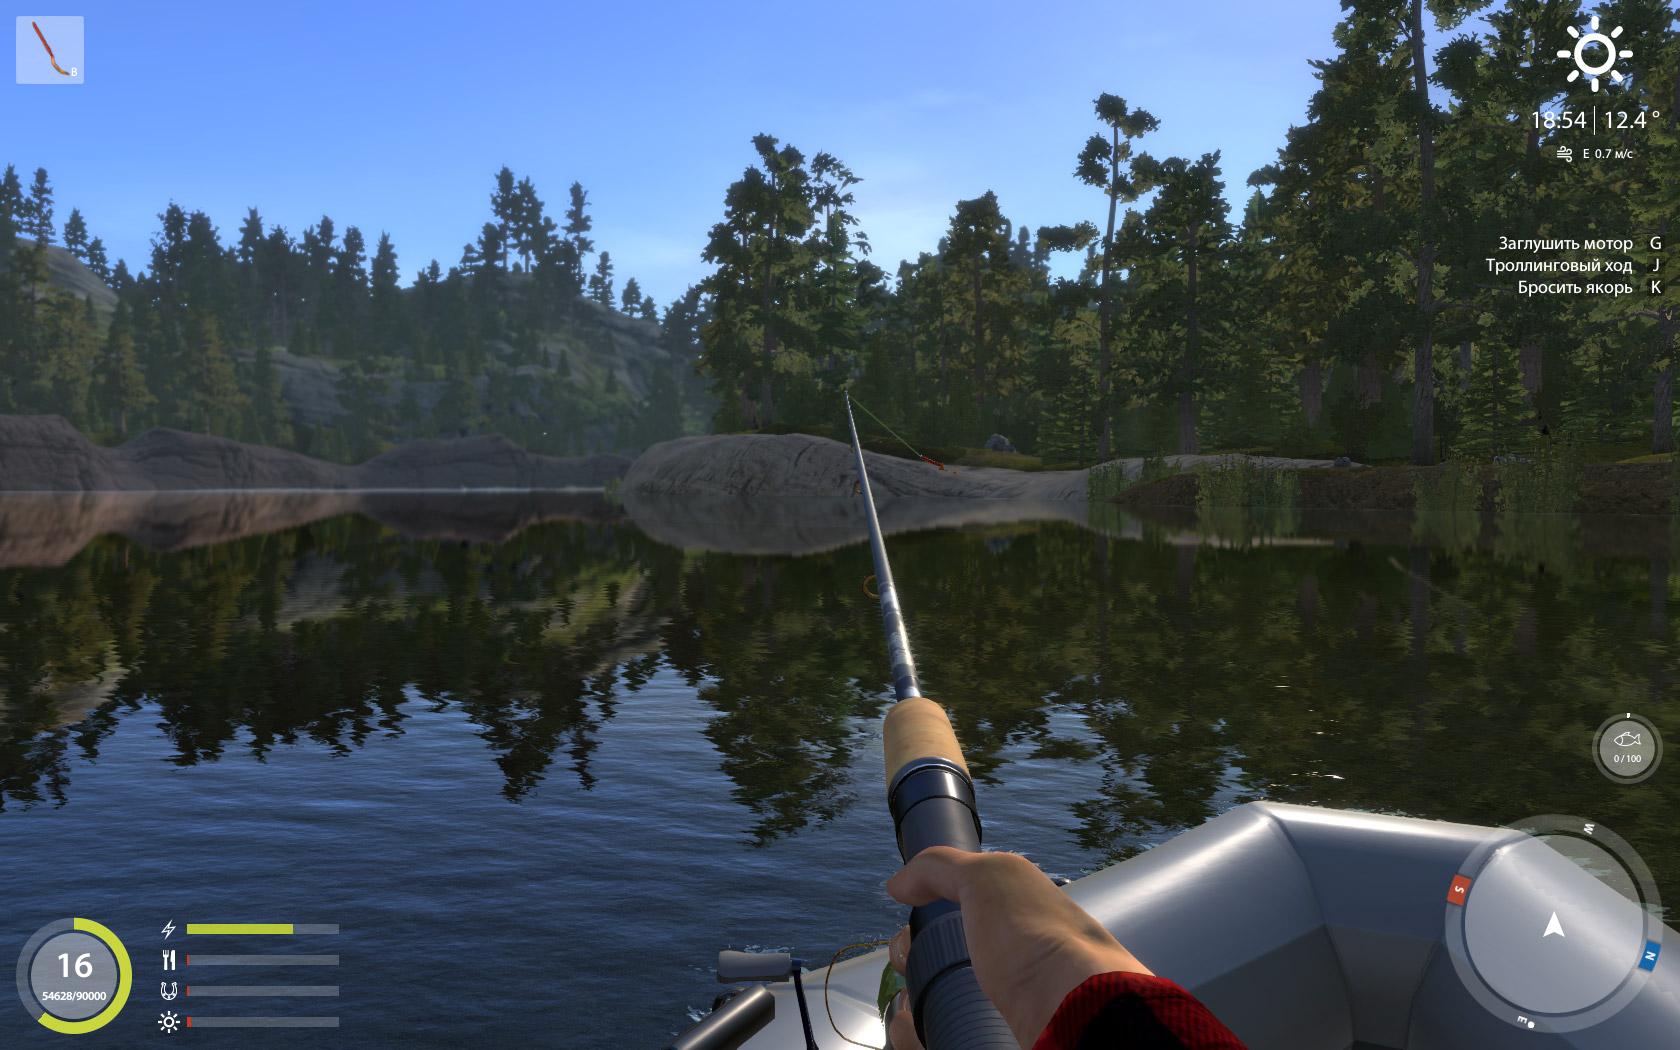 Скачать лучшую рыбалку на компьютер